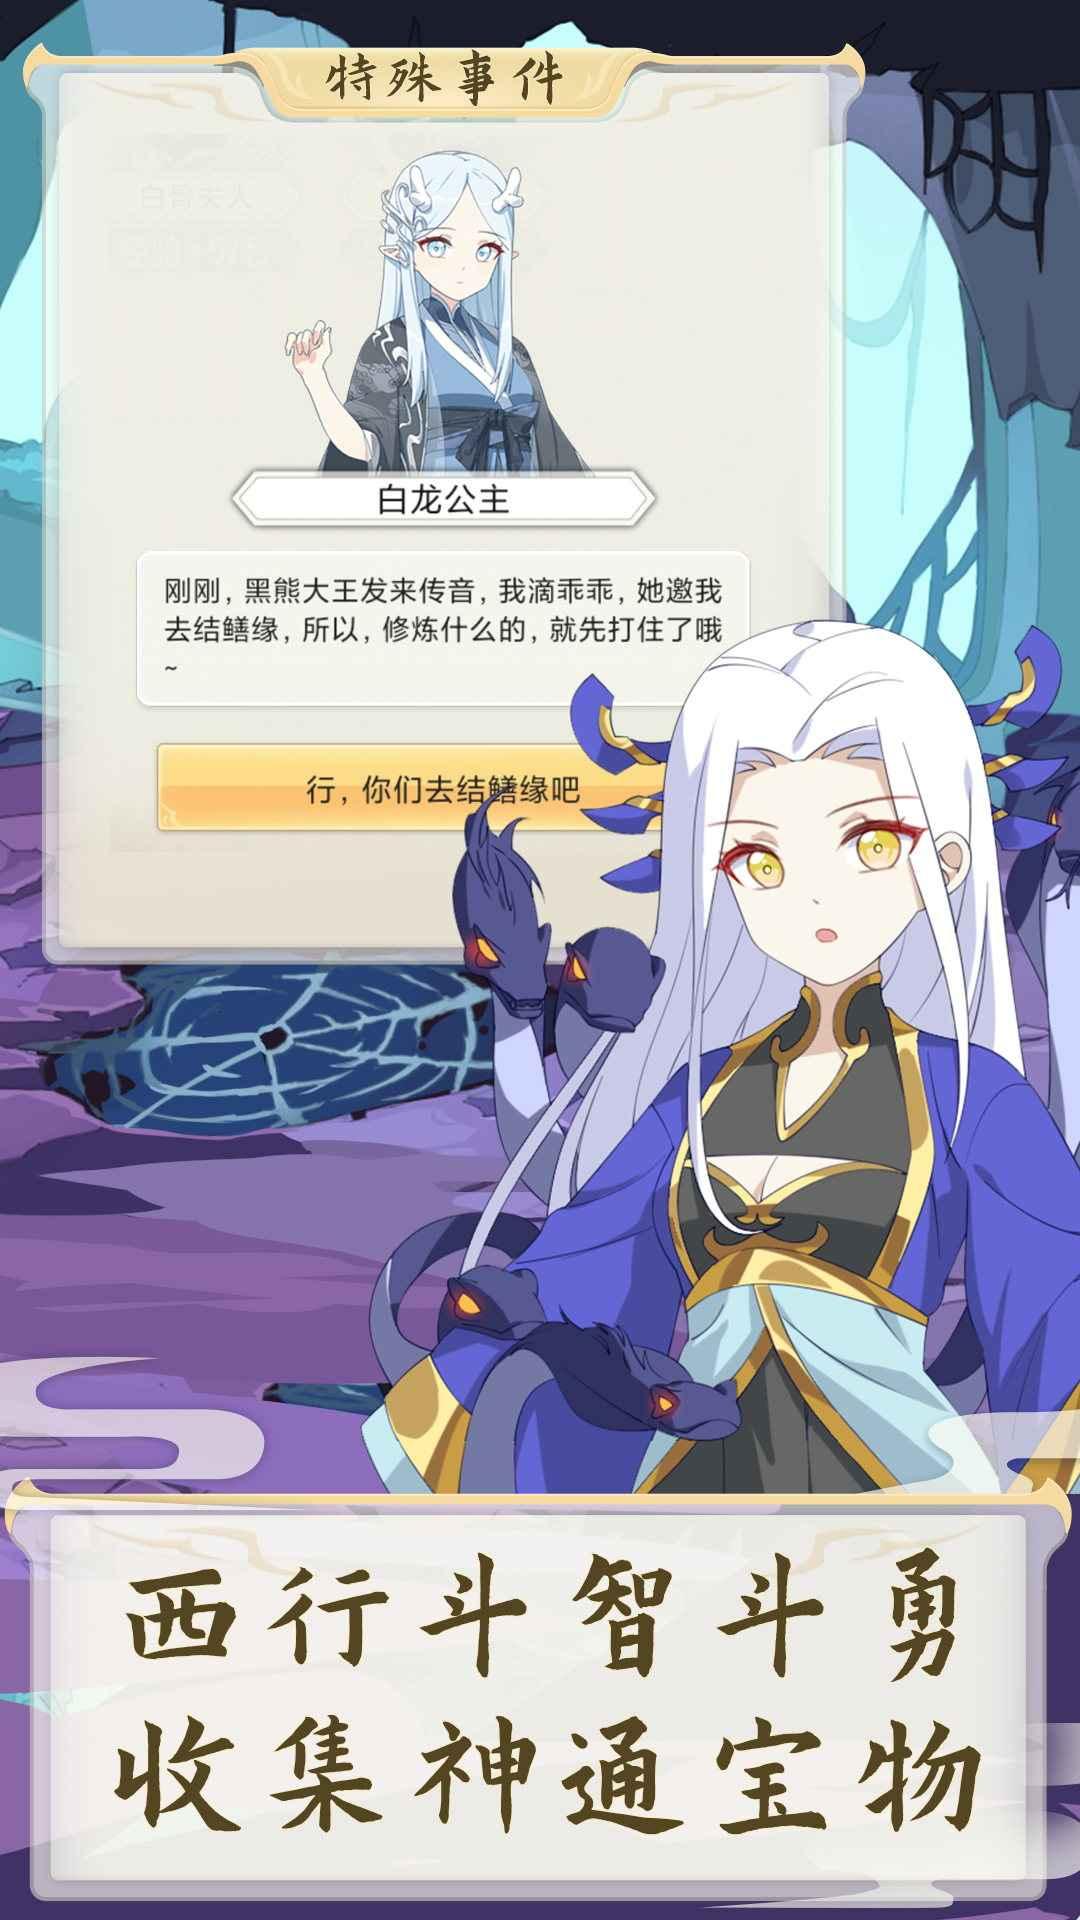 西游妖灵灵9999仙玉版v3.0.0 安卓版